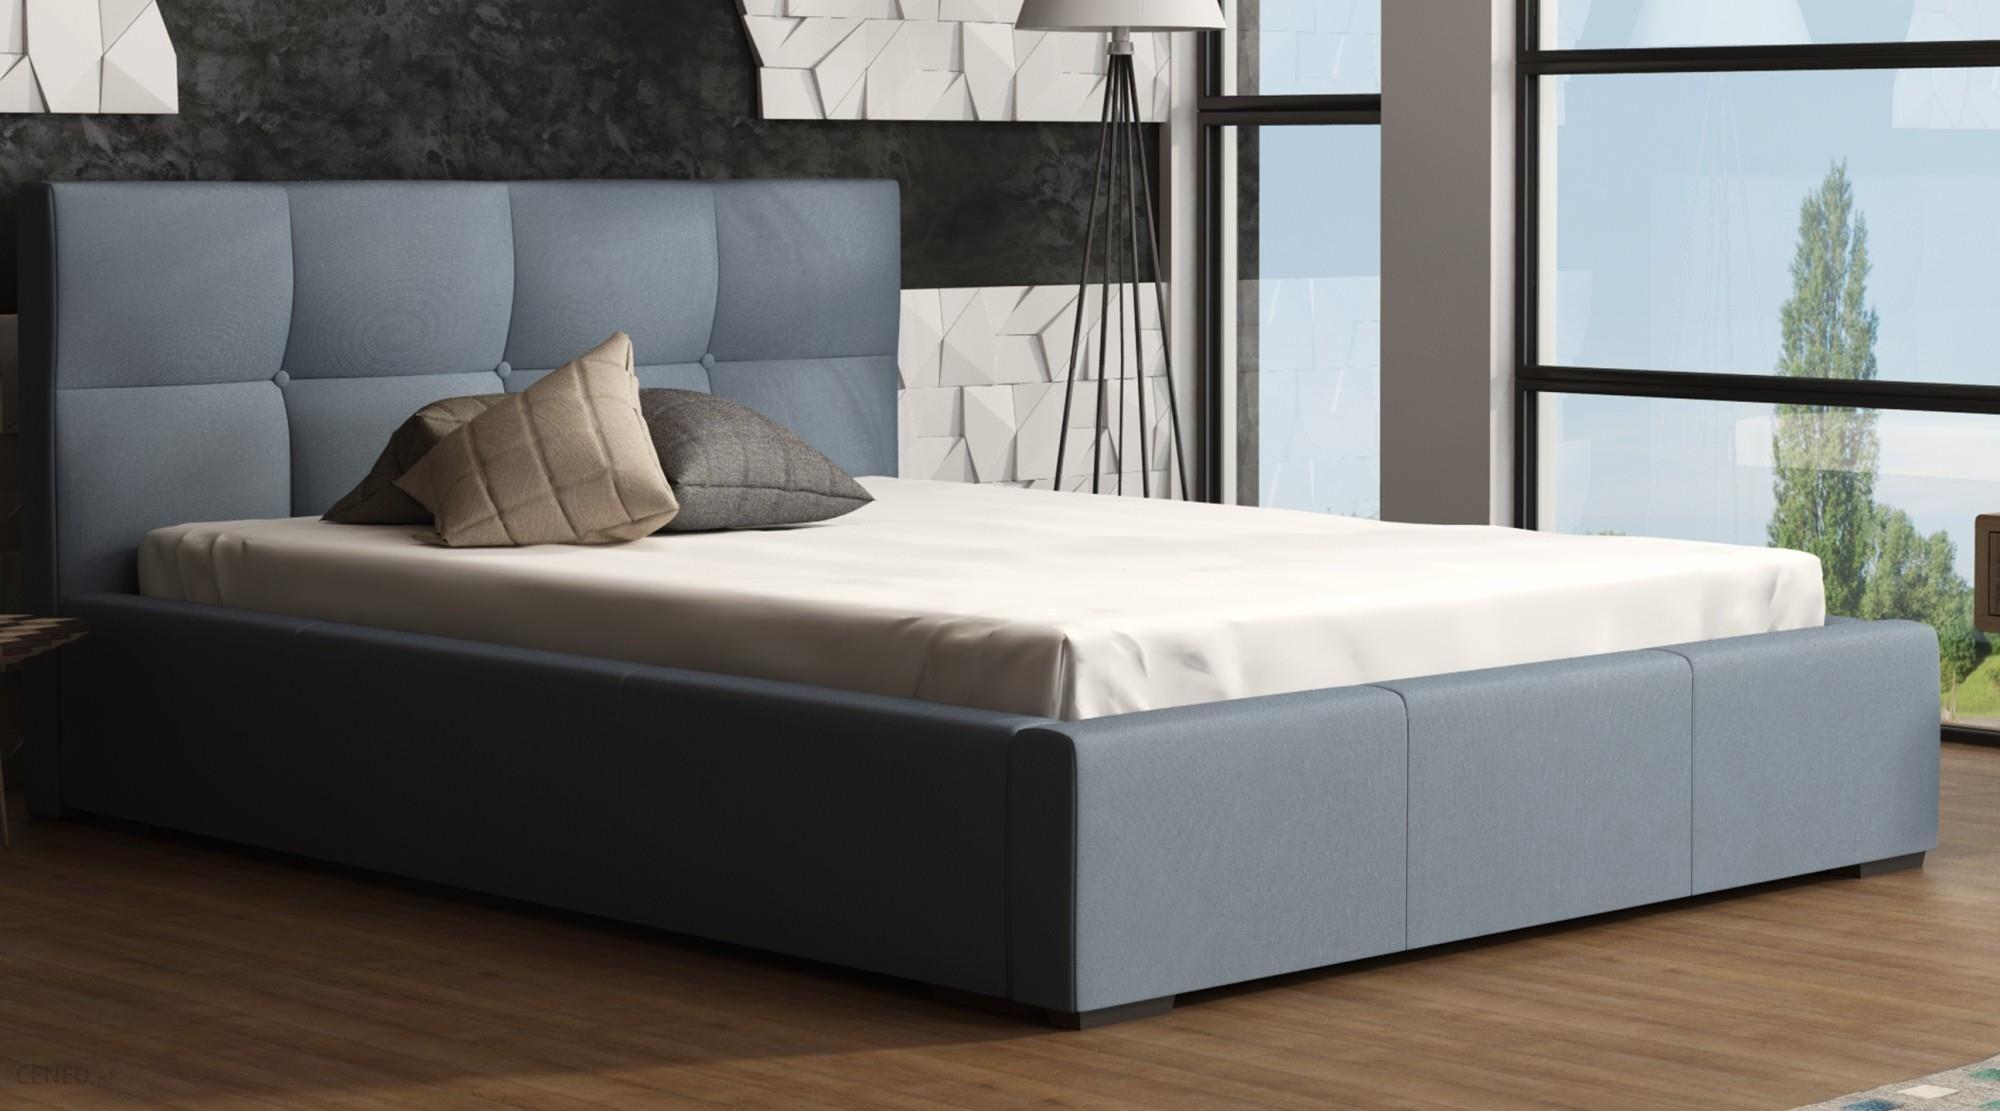 Chojmex Turyn łóżko Z Pikowanym Zagłówkiem 160x200